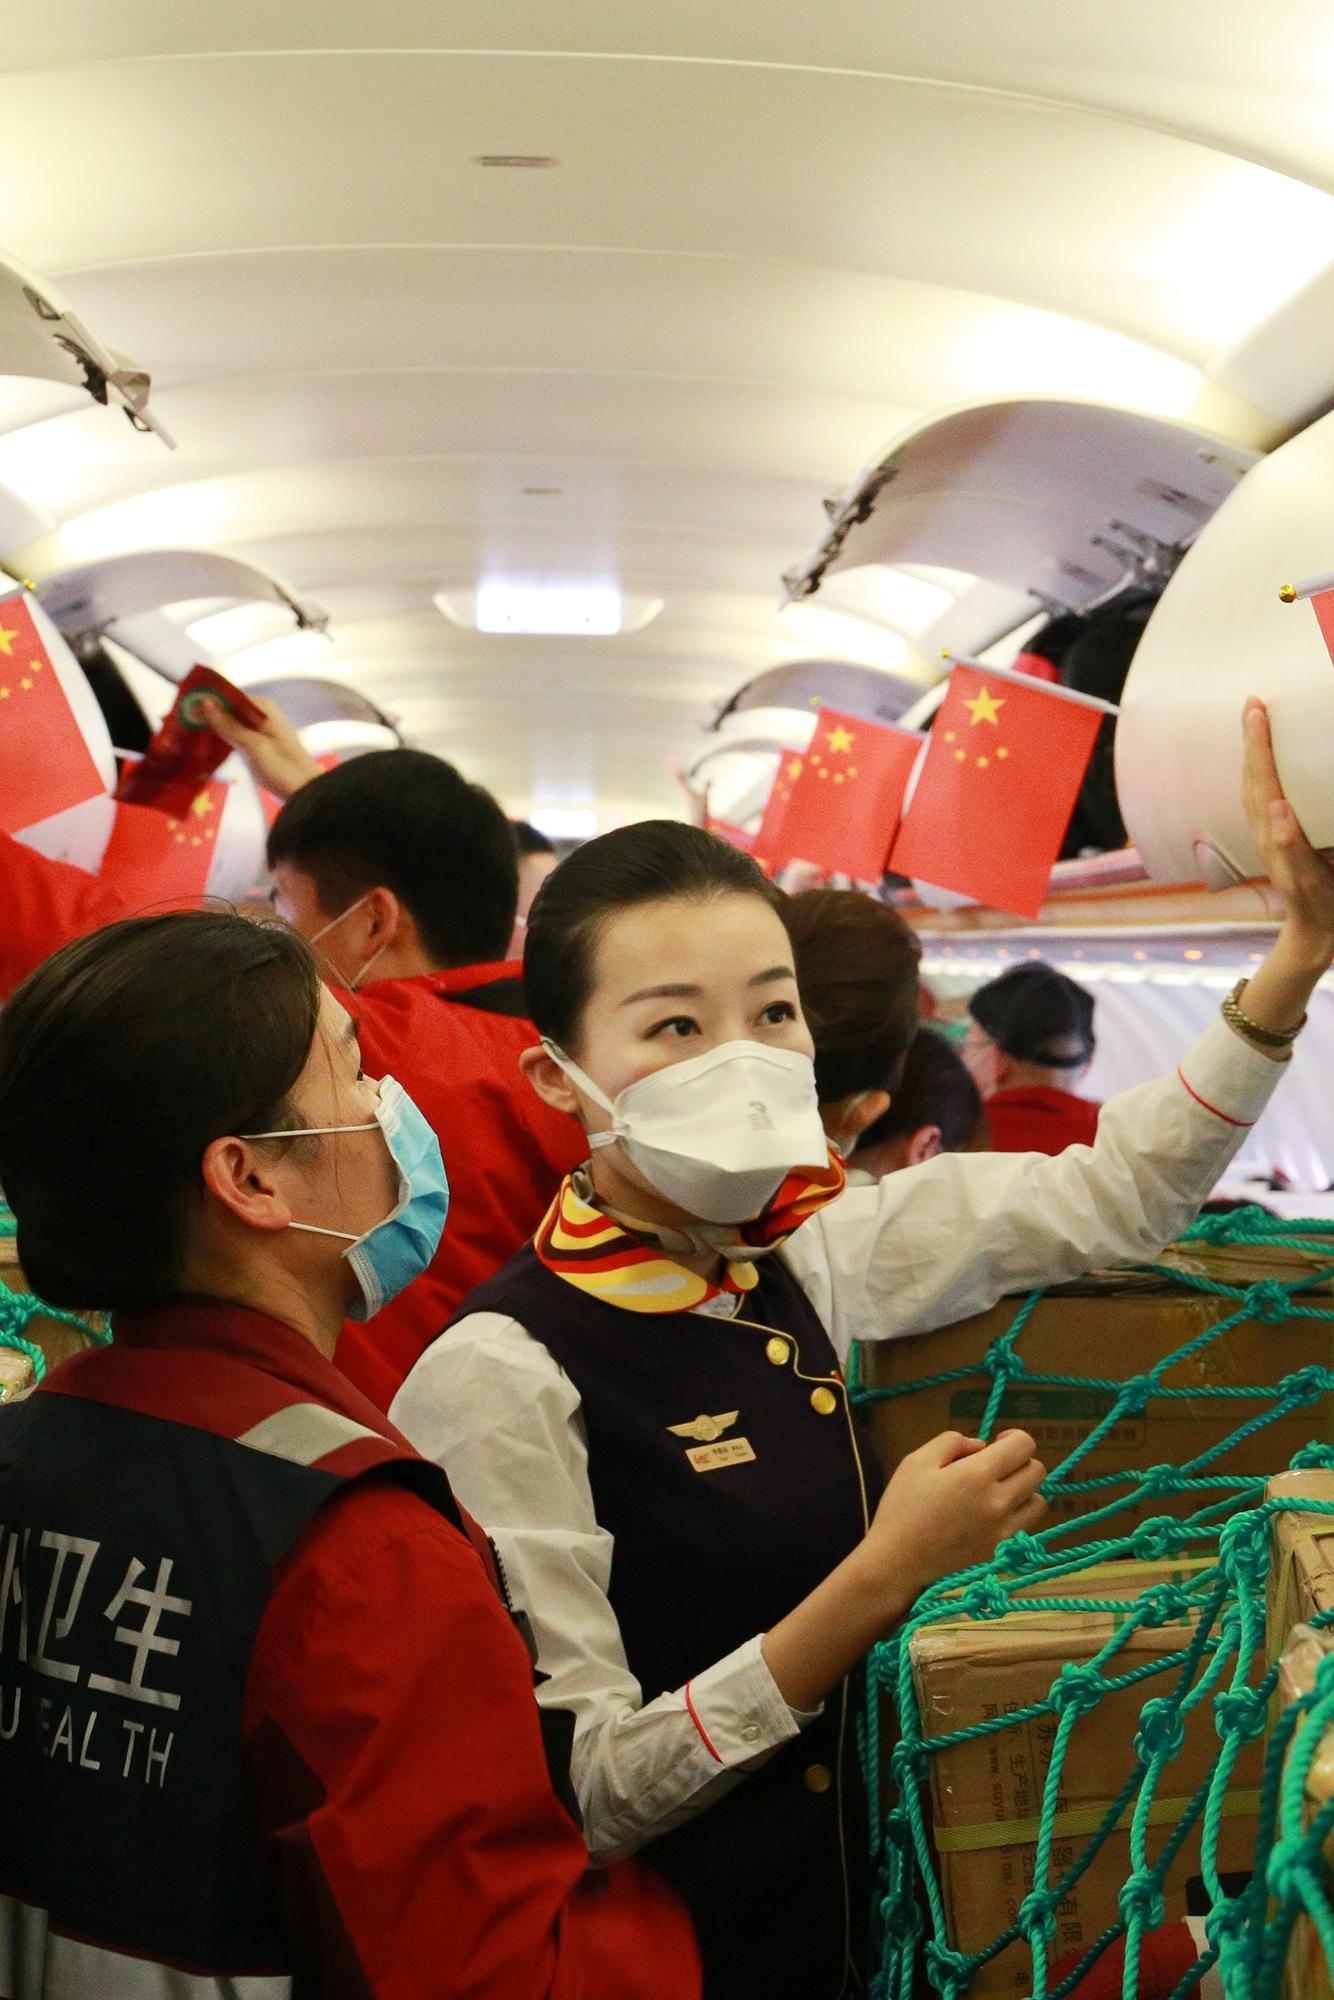 北部湾航空乘务长李雅琦承担广西志愿湖北医疗包机任务